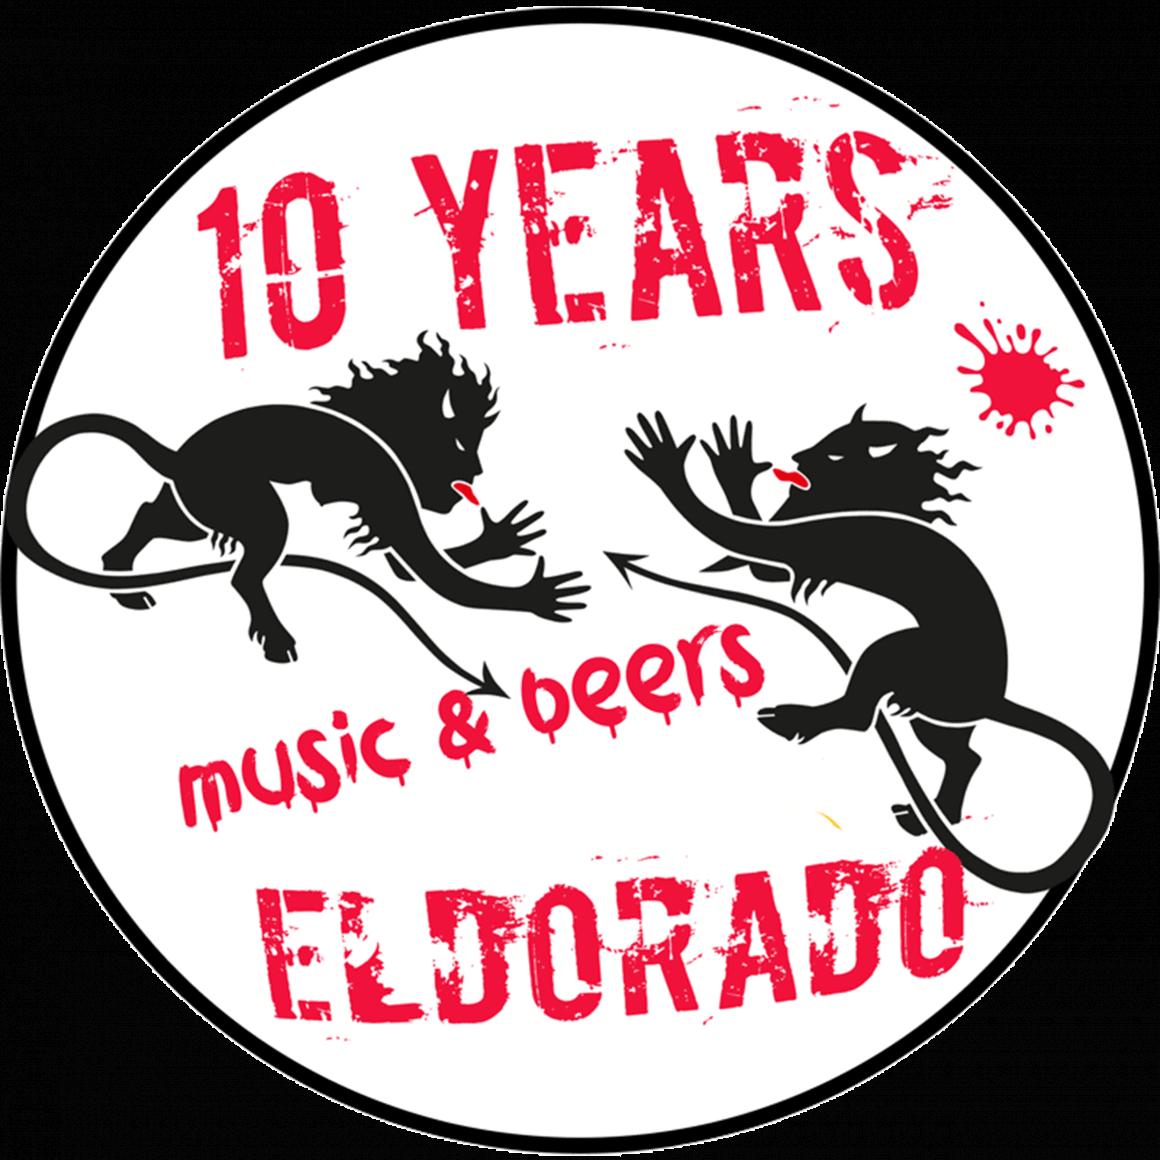 logo erldorado10 years